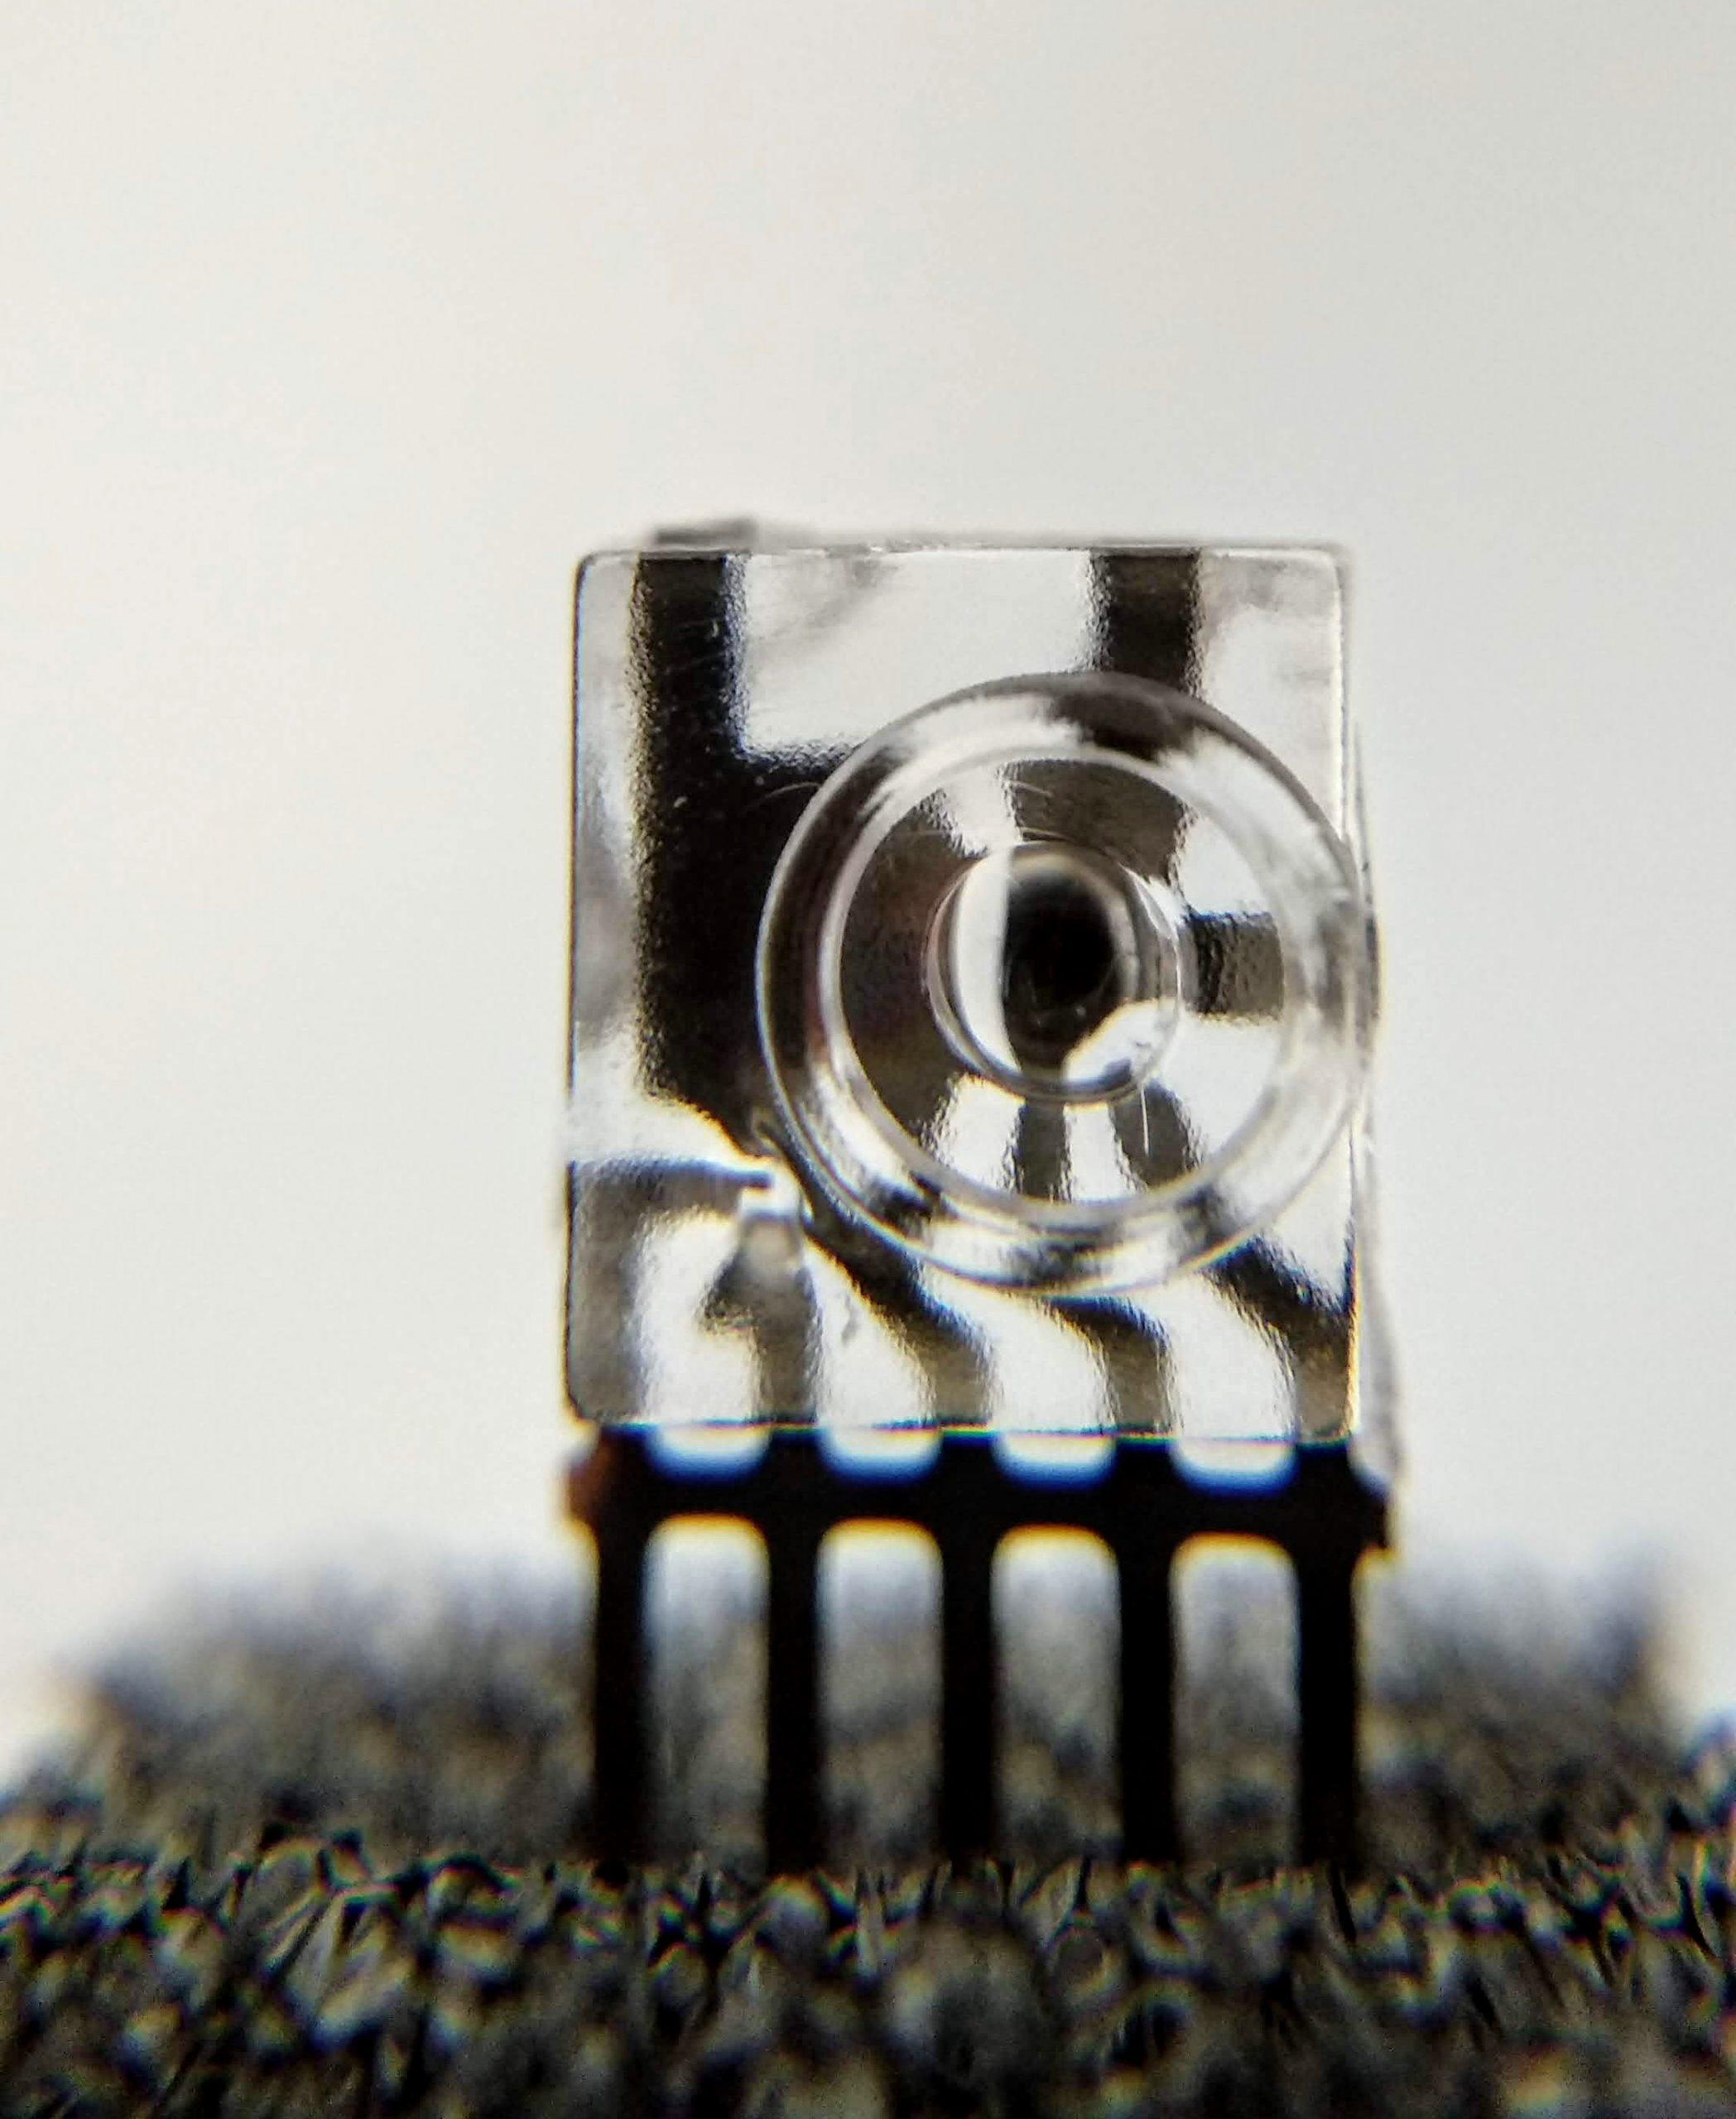 Un nuevo sistema de fabricación para componentes ópticos integrados